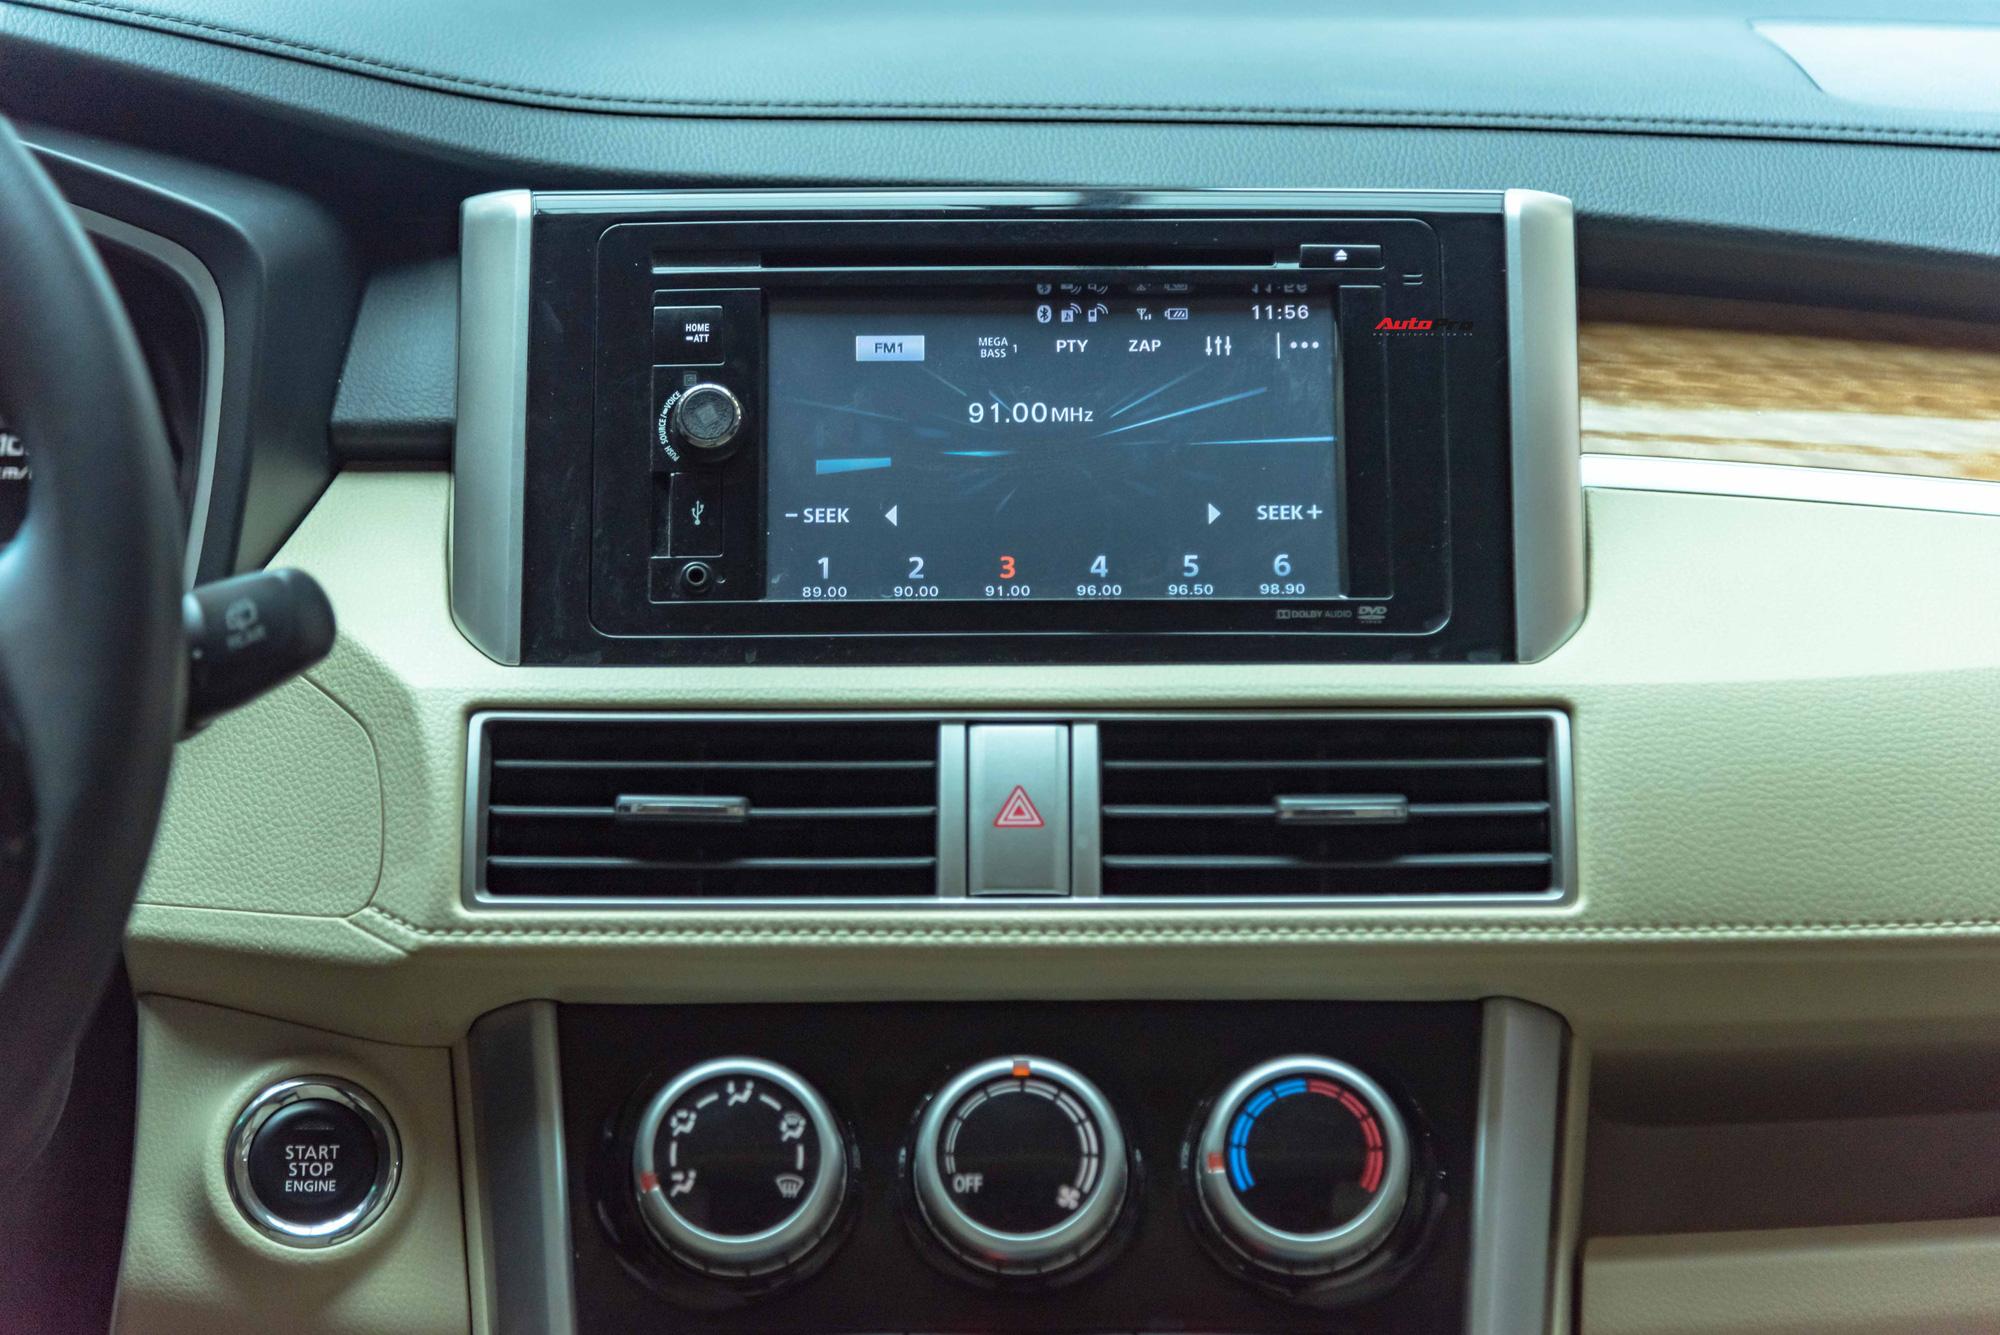 Ra mắt Mitsubishi Xpander 2020: Đánh giá 8 điểm mới, tăng 10 triệu nhưng tặng lại 10 triệu, rộng đường giữ ngôi vua MPV-13